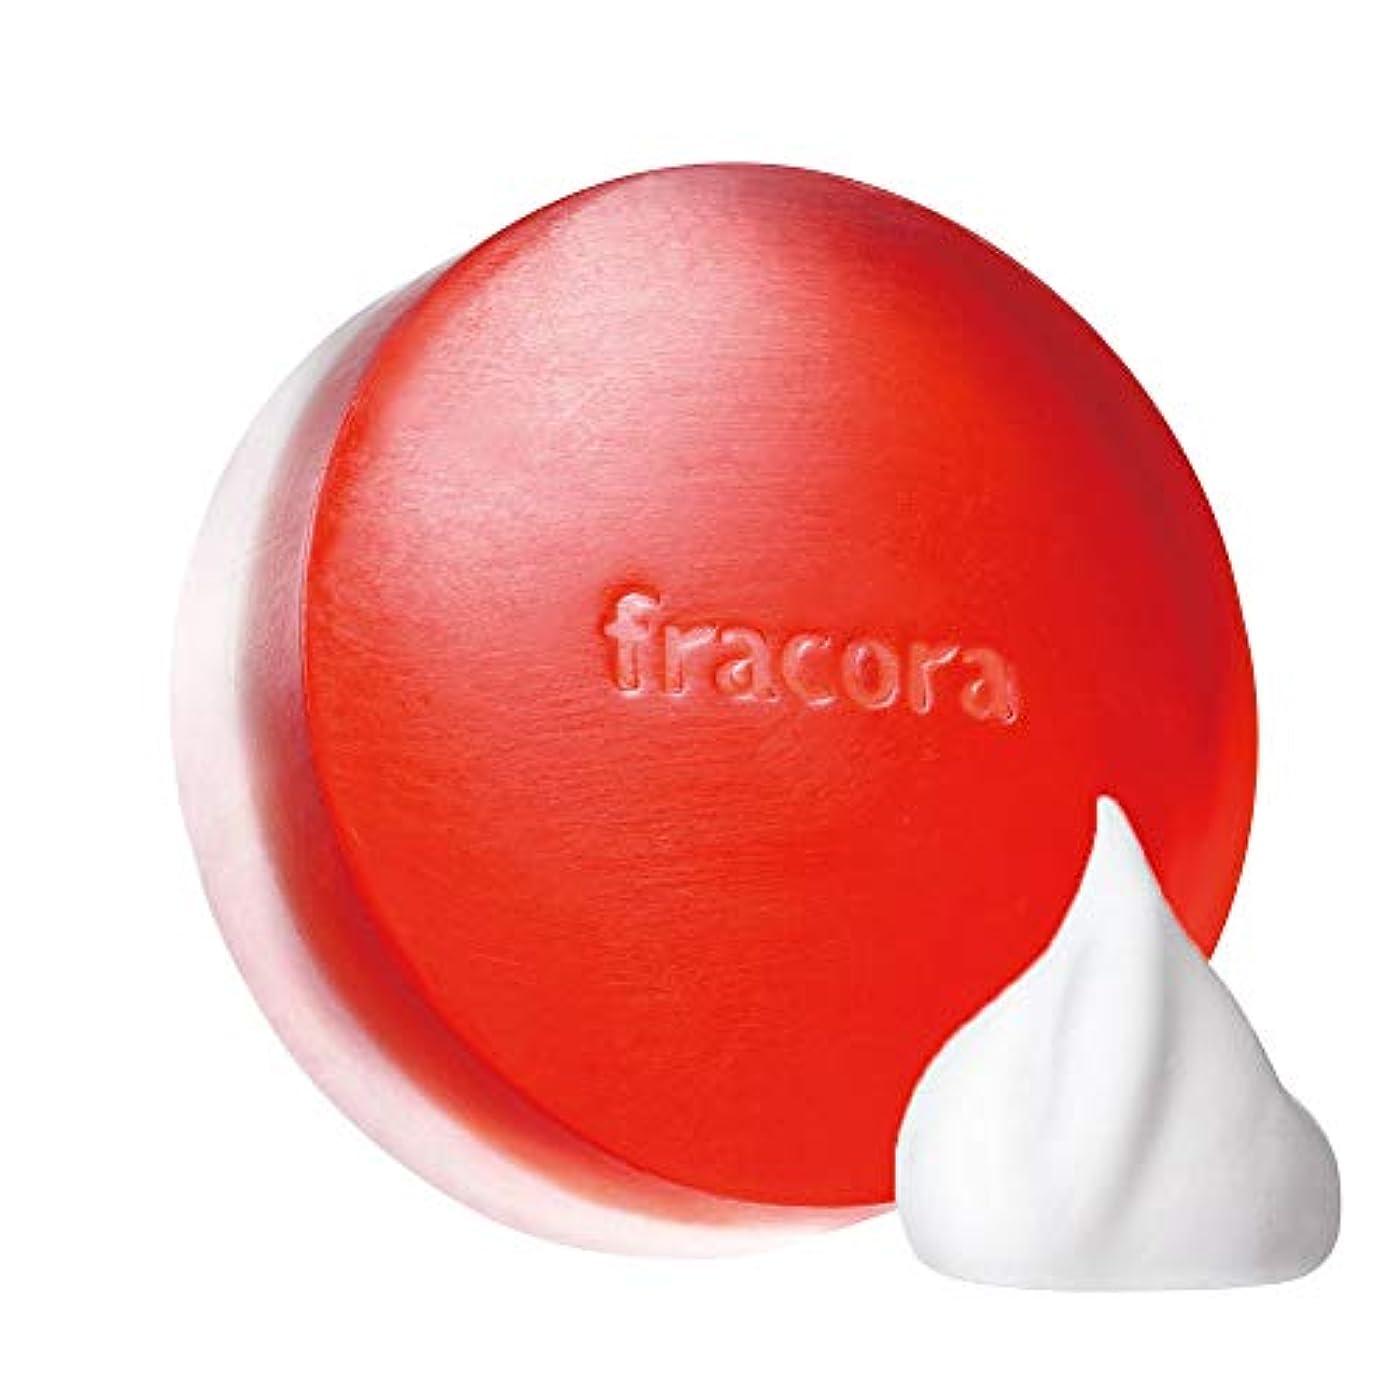 スキャン担当者液化するfracora(フラコラ) モイスト&エナジーソープ 80g